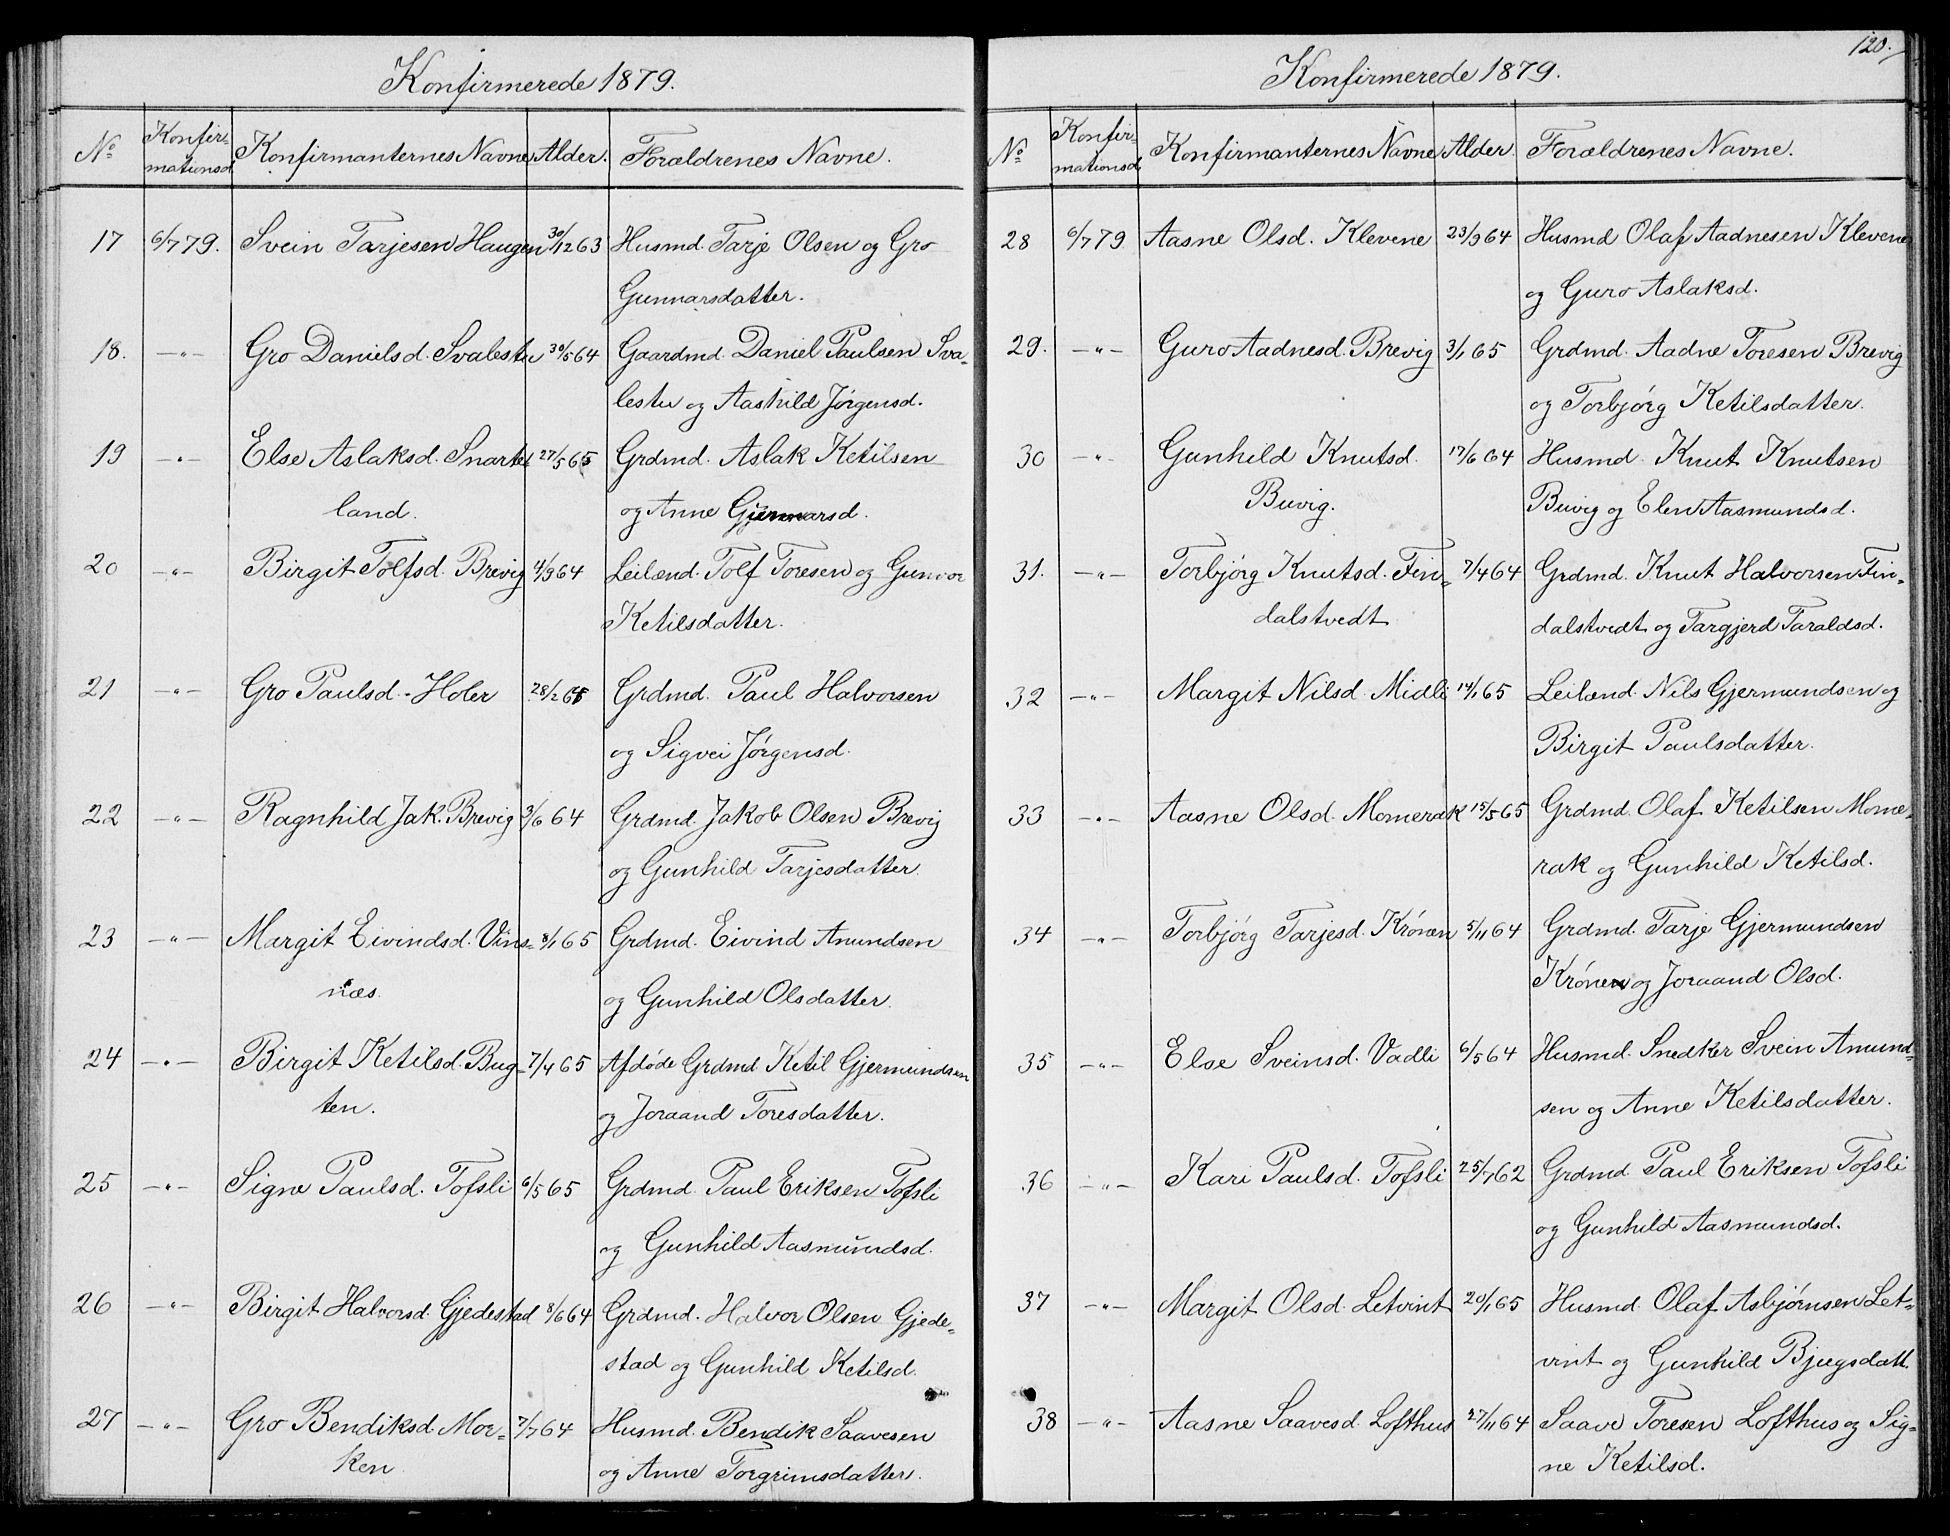 SAKO, Fyresdal kirkebøker, G/Ga/L0004: Klokkerbok nr. I 4, 1864-1892, s. 120